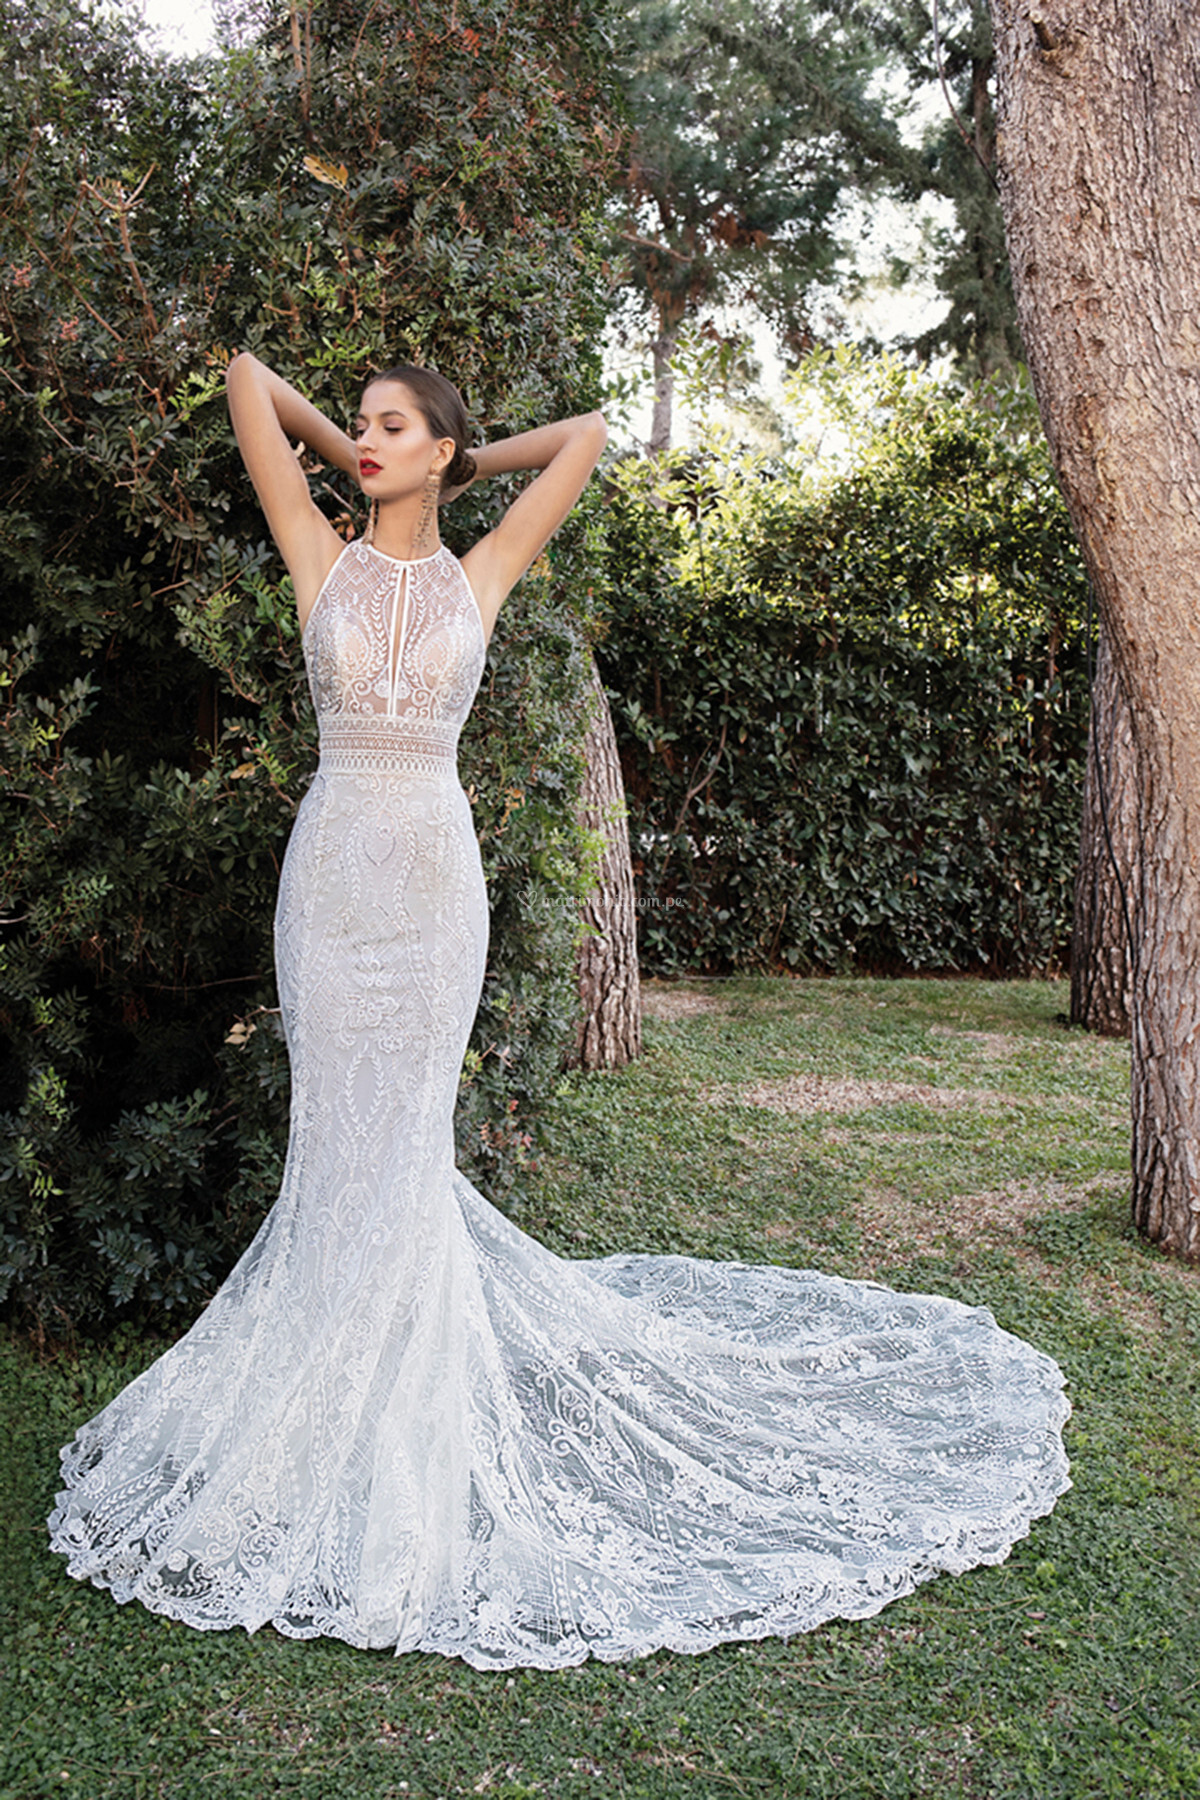 Vestido de novia en corte sirena ¡Déjate conquistar! 😍 3